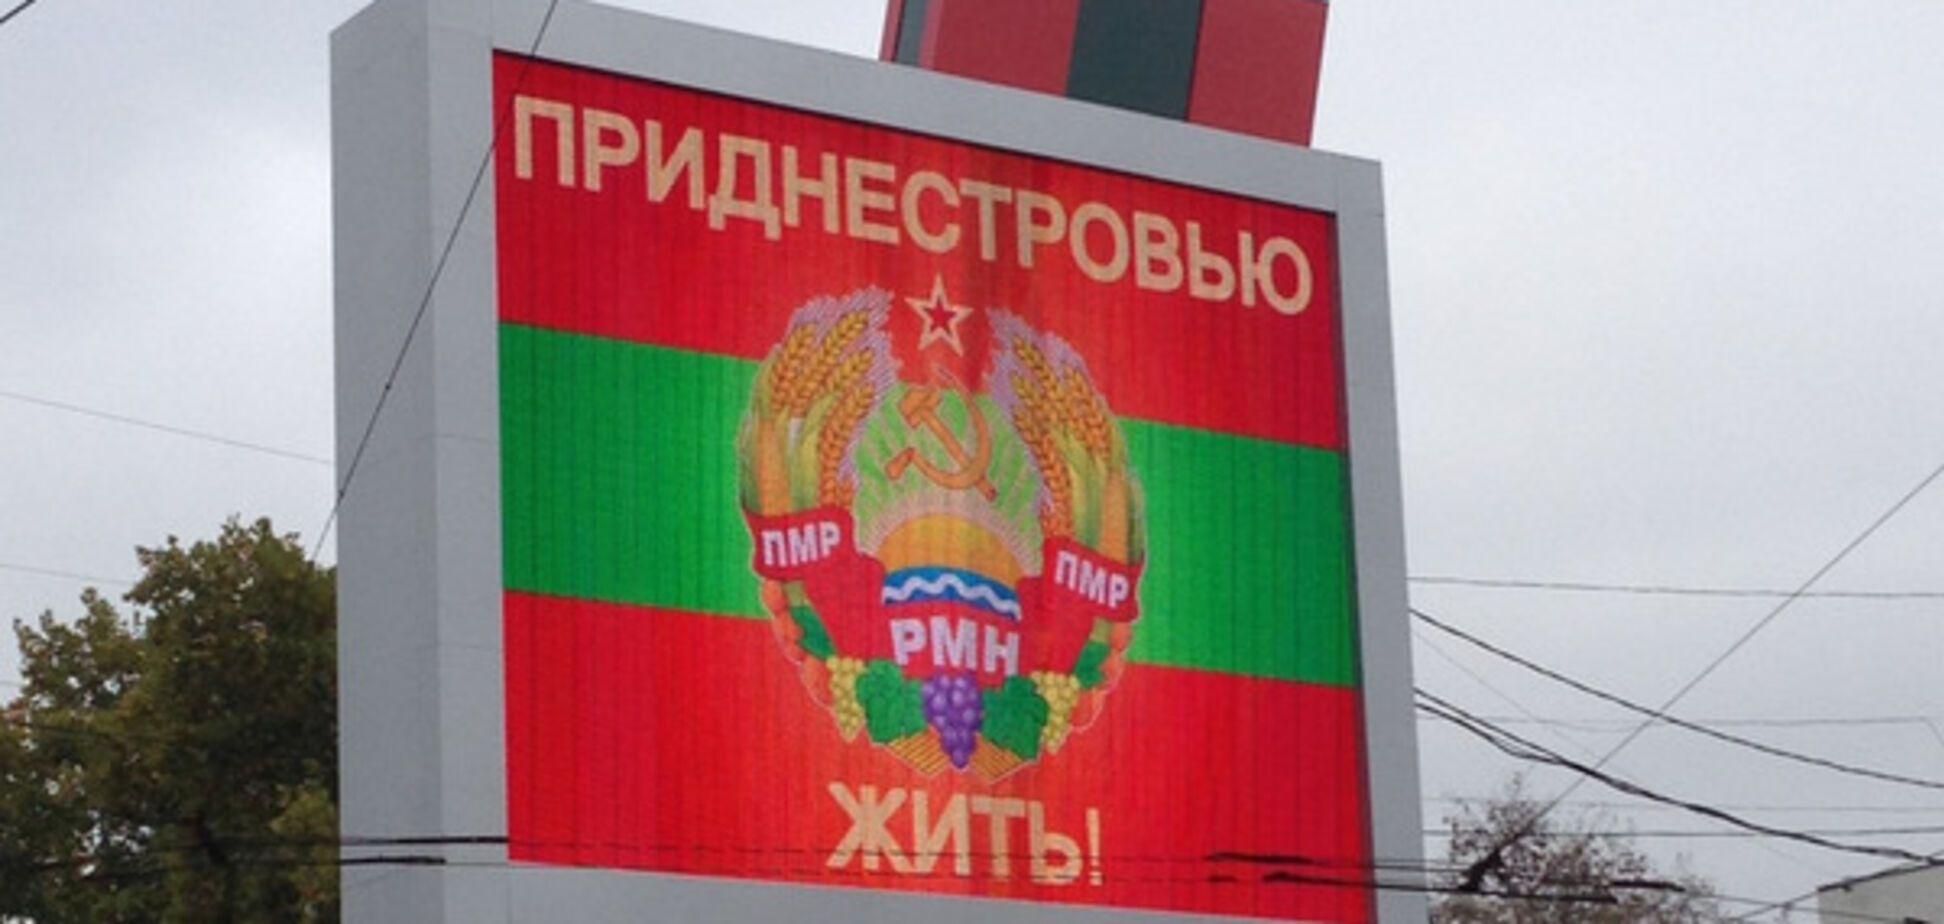 Україна допомогла сусідам боротися із сепаратизмом: журналіст вказав на важливу подію